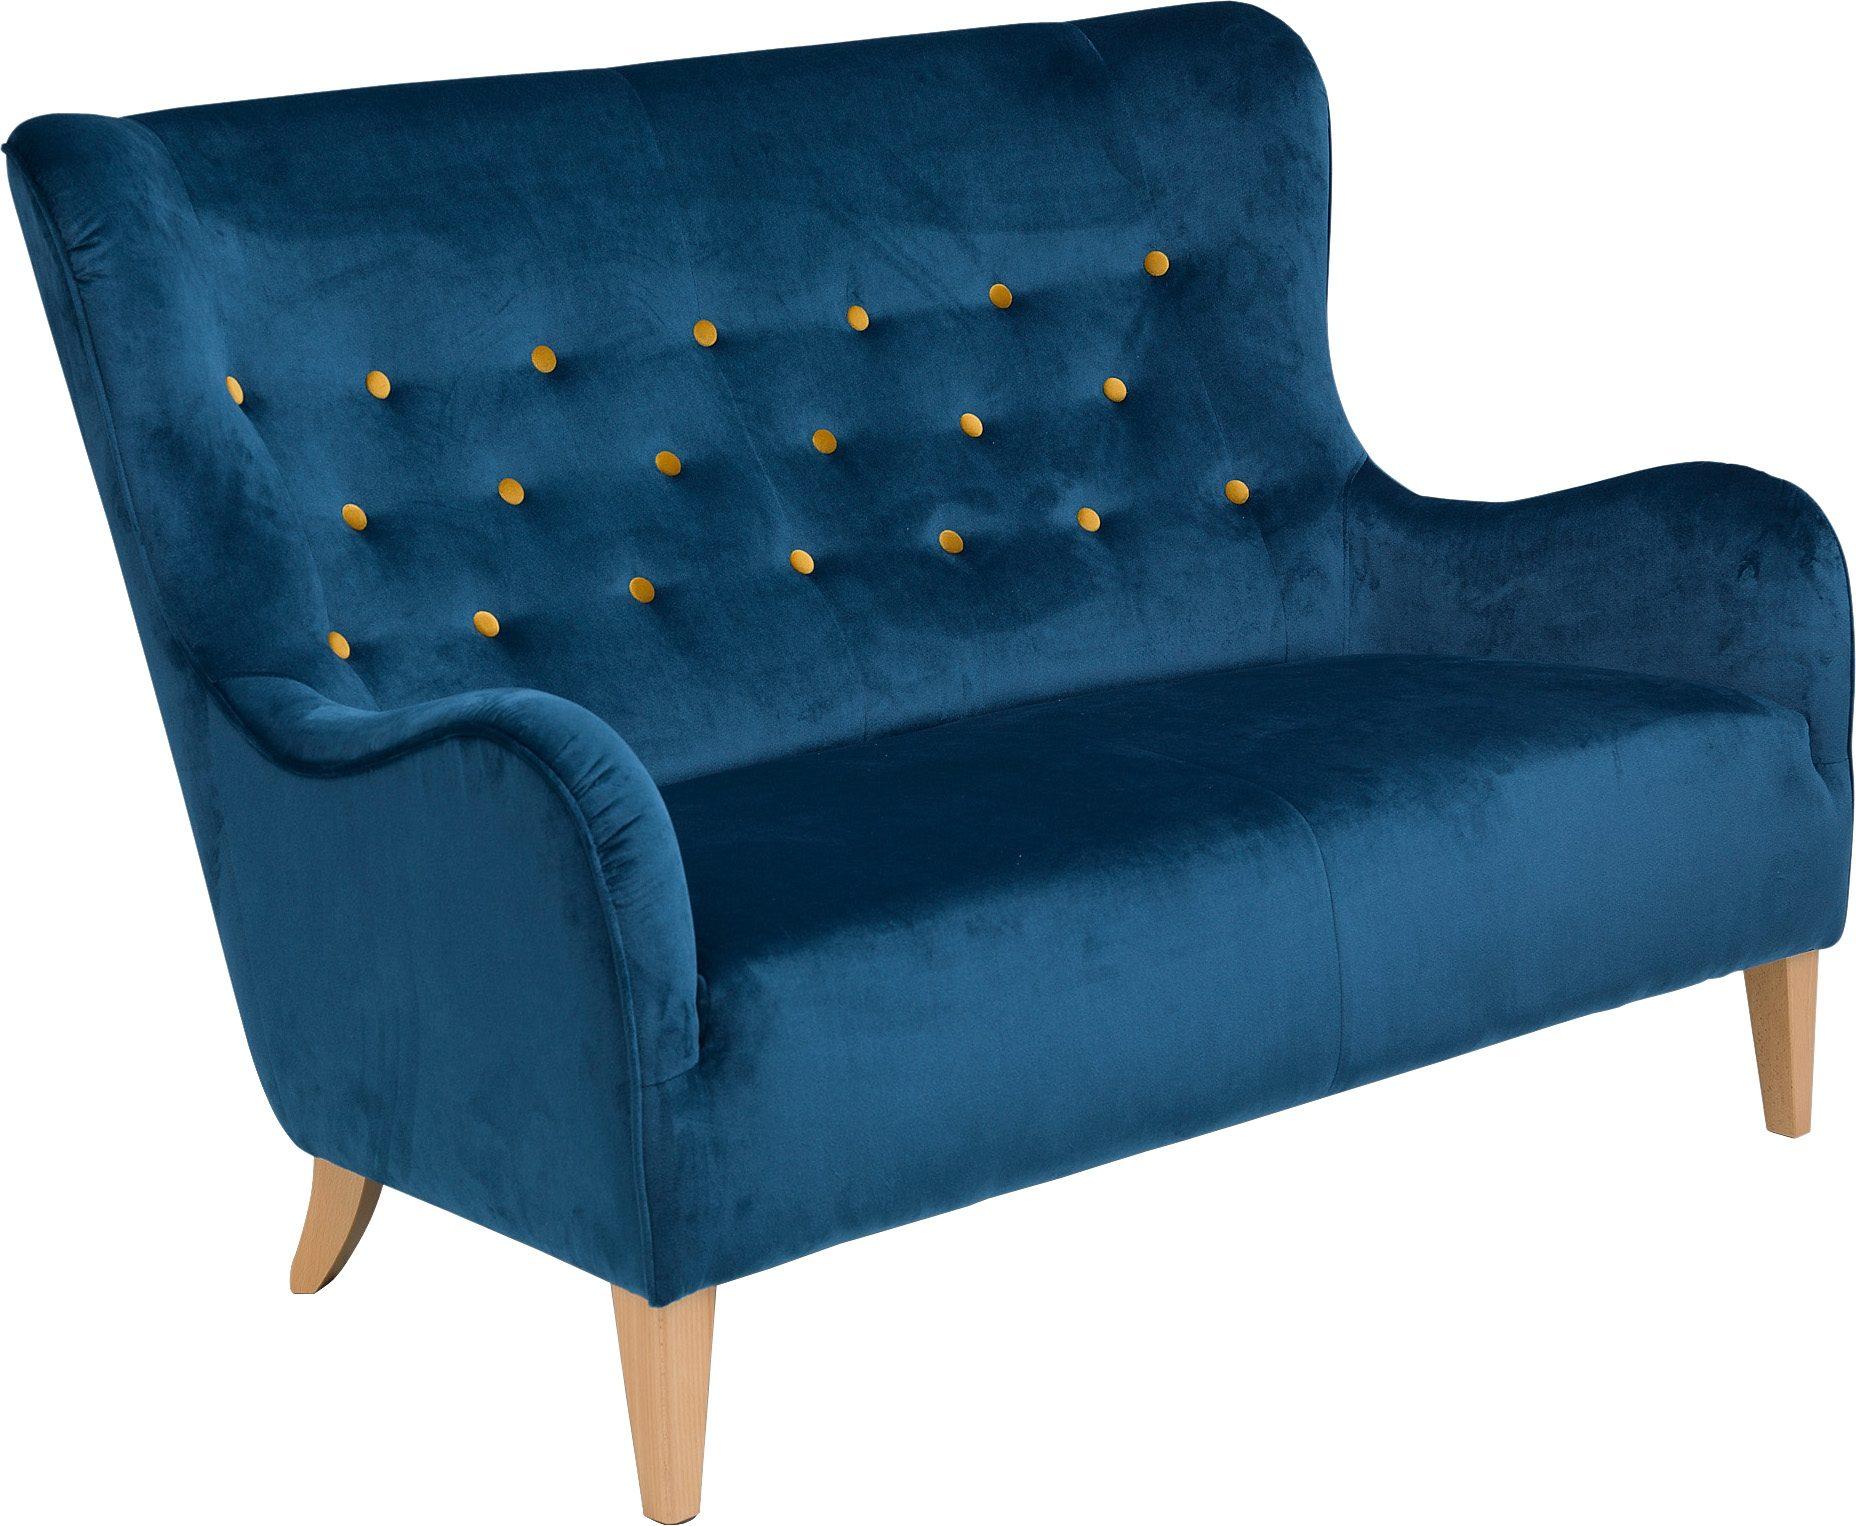 Max Winzer® 2-Sitzer Sofa »Melina« im Retrolook, mit farbigen Zierknöpfen, Breite 149 cm